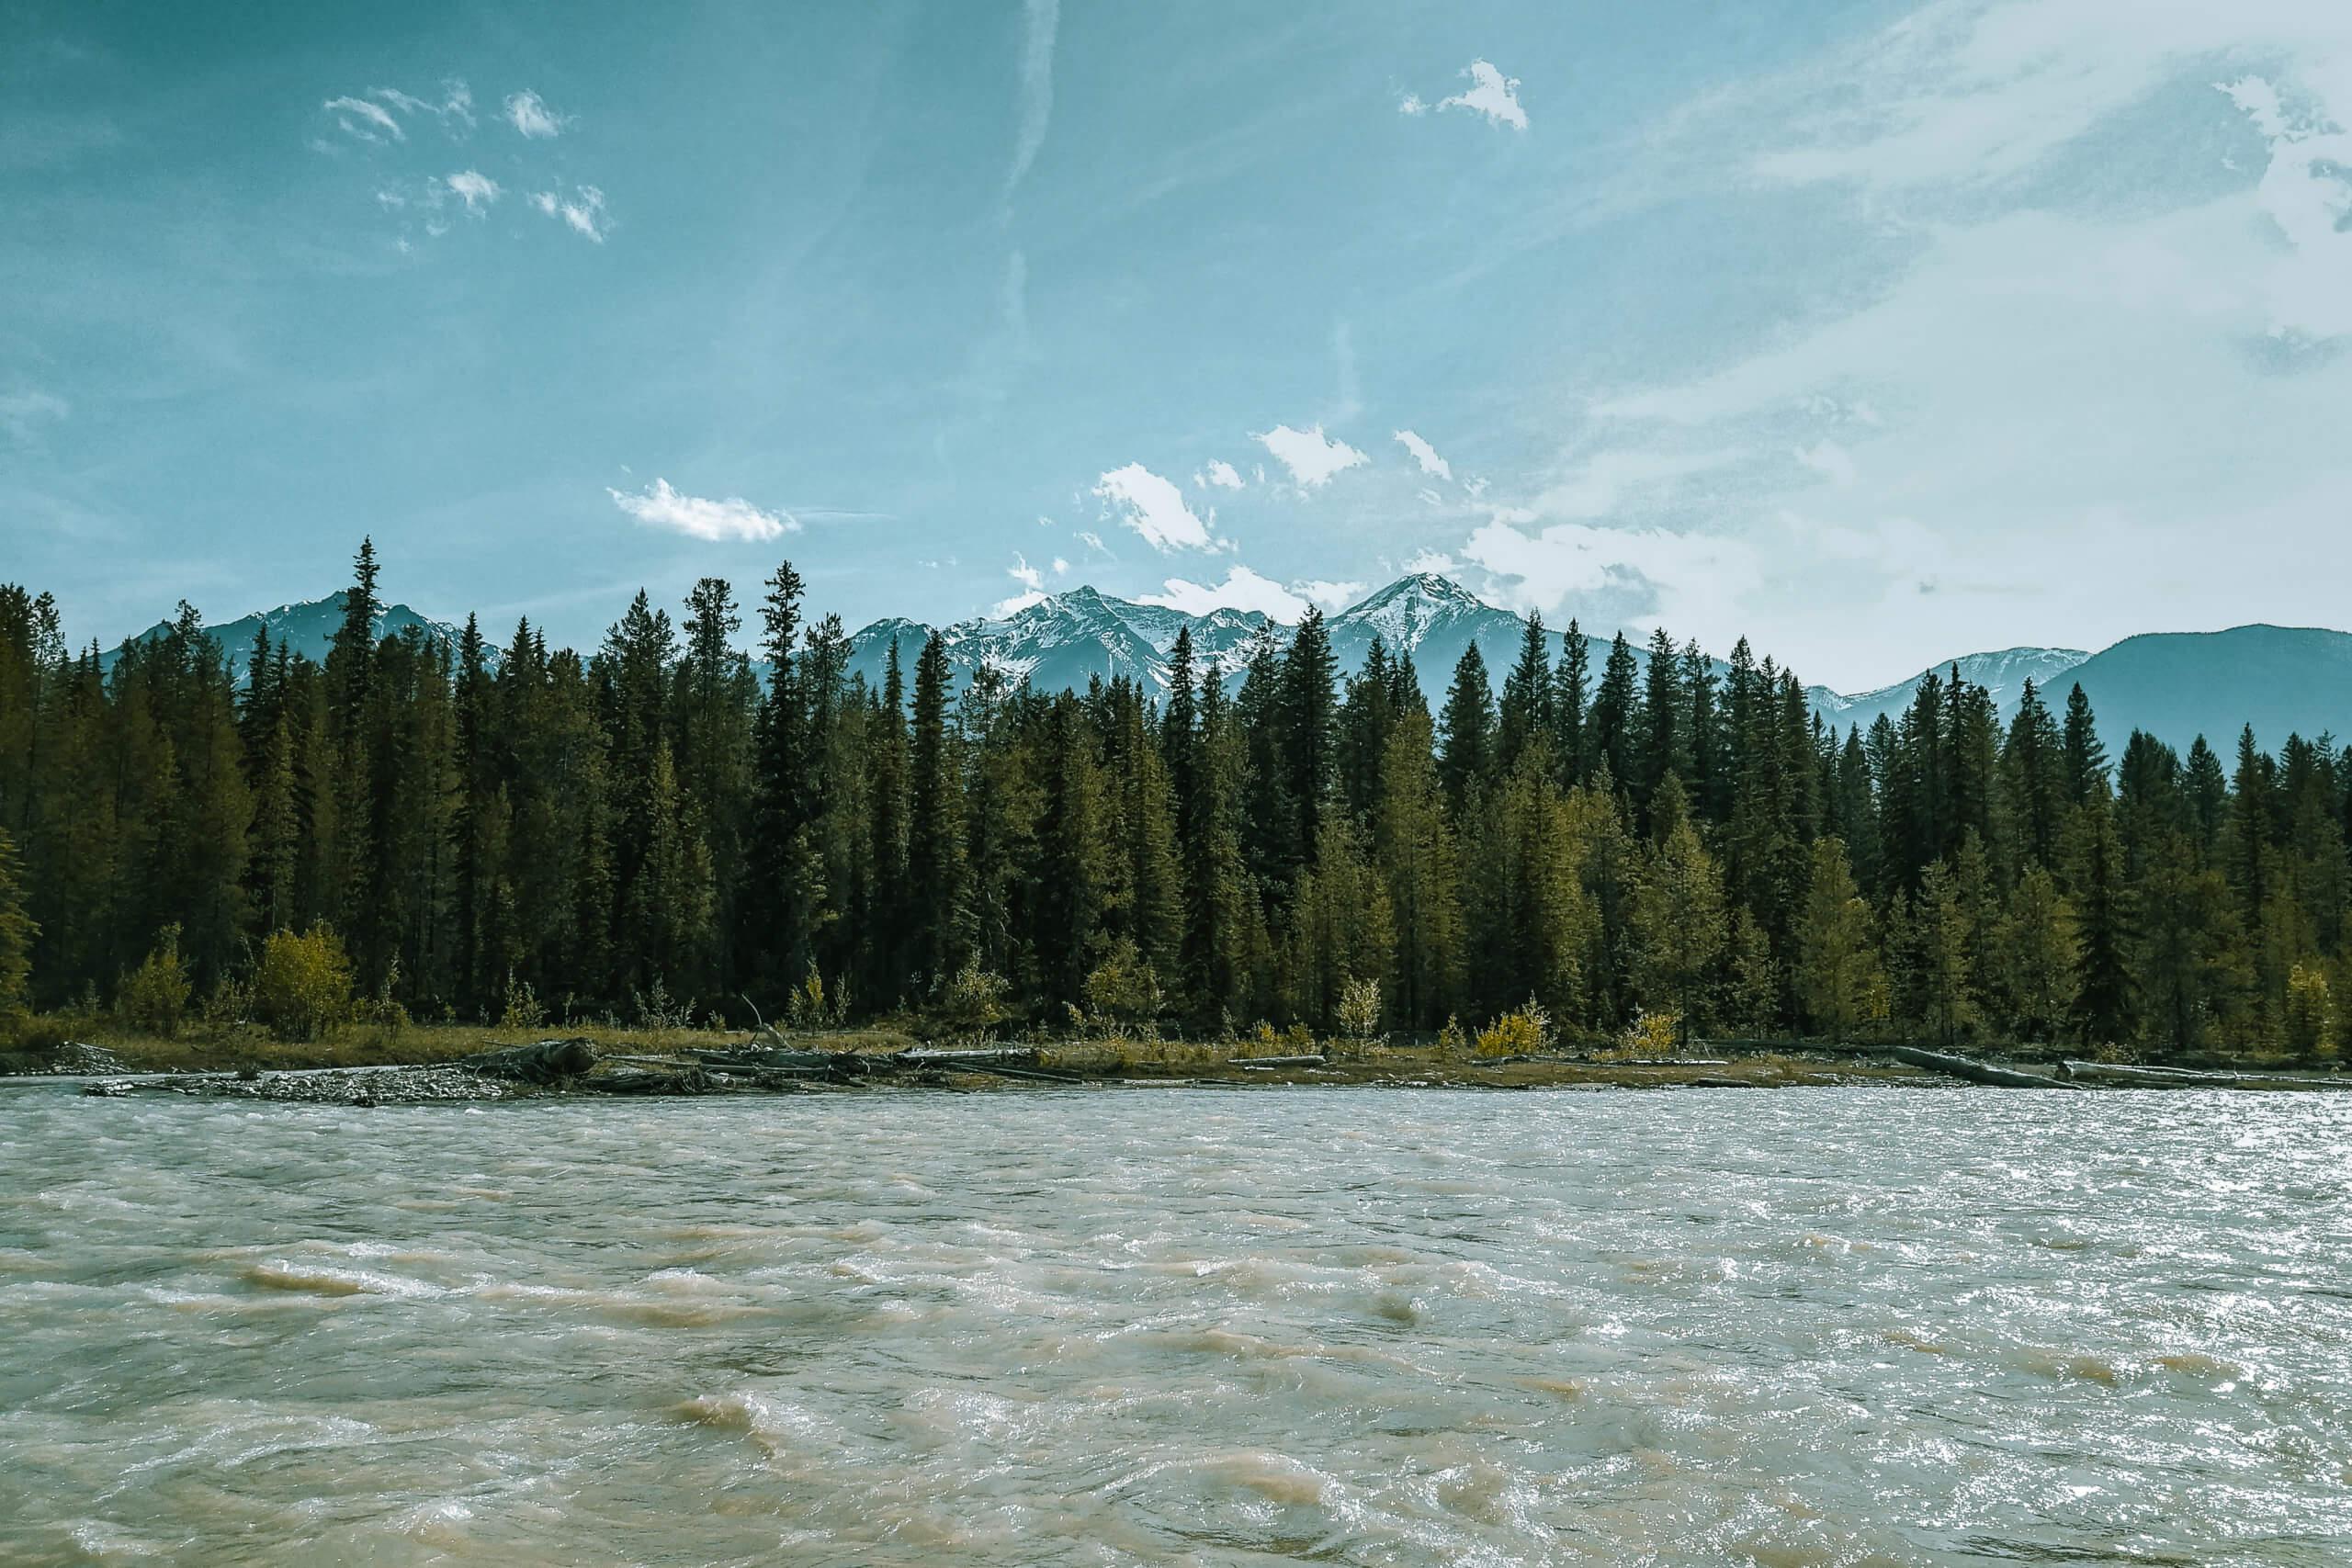 Blick auf den Columbia River am Campground